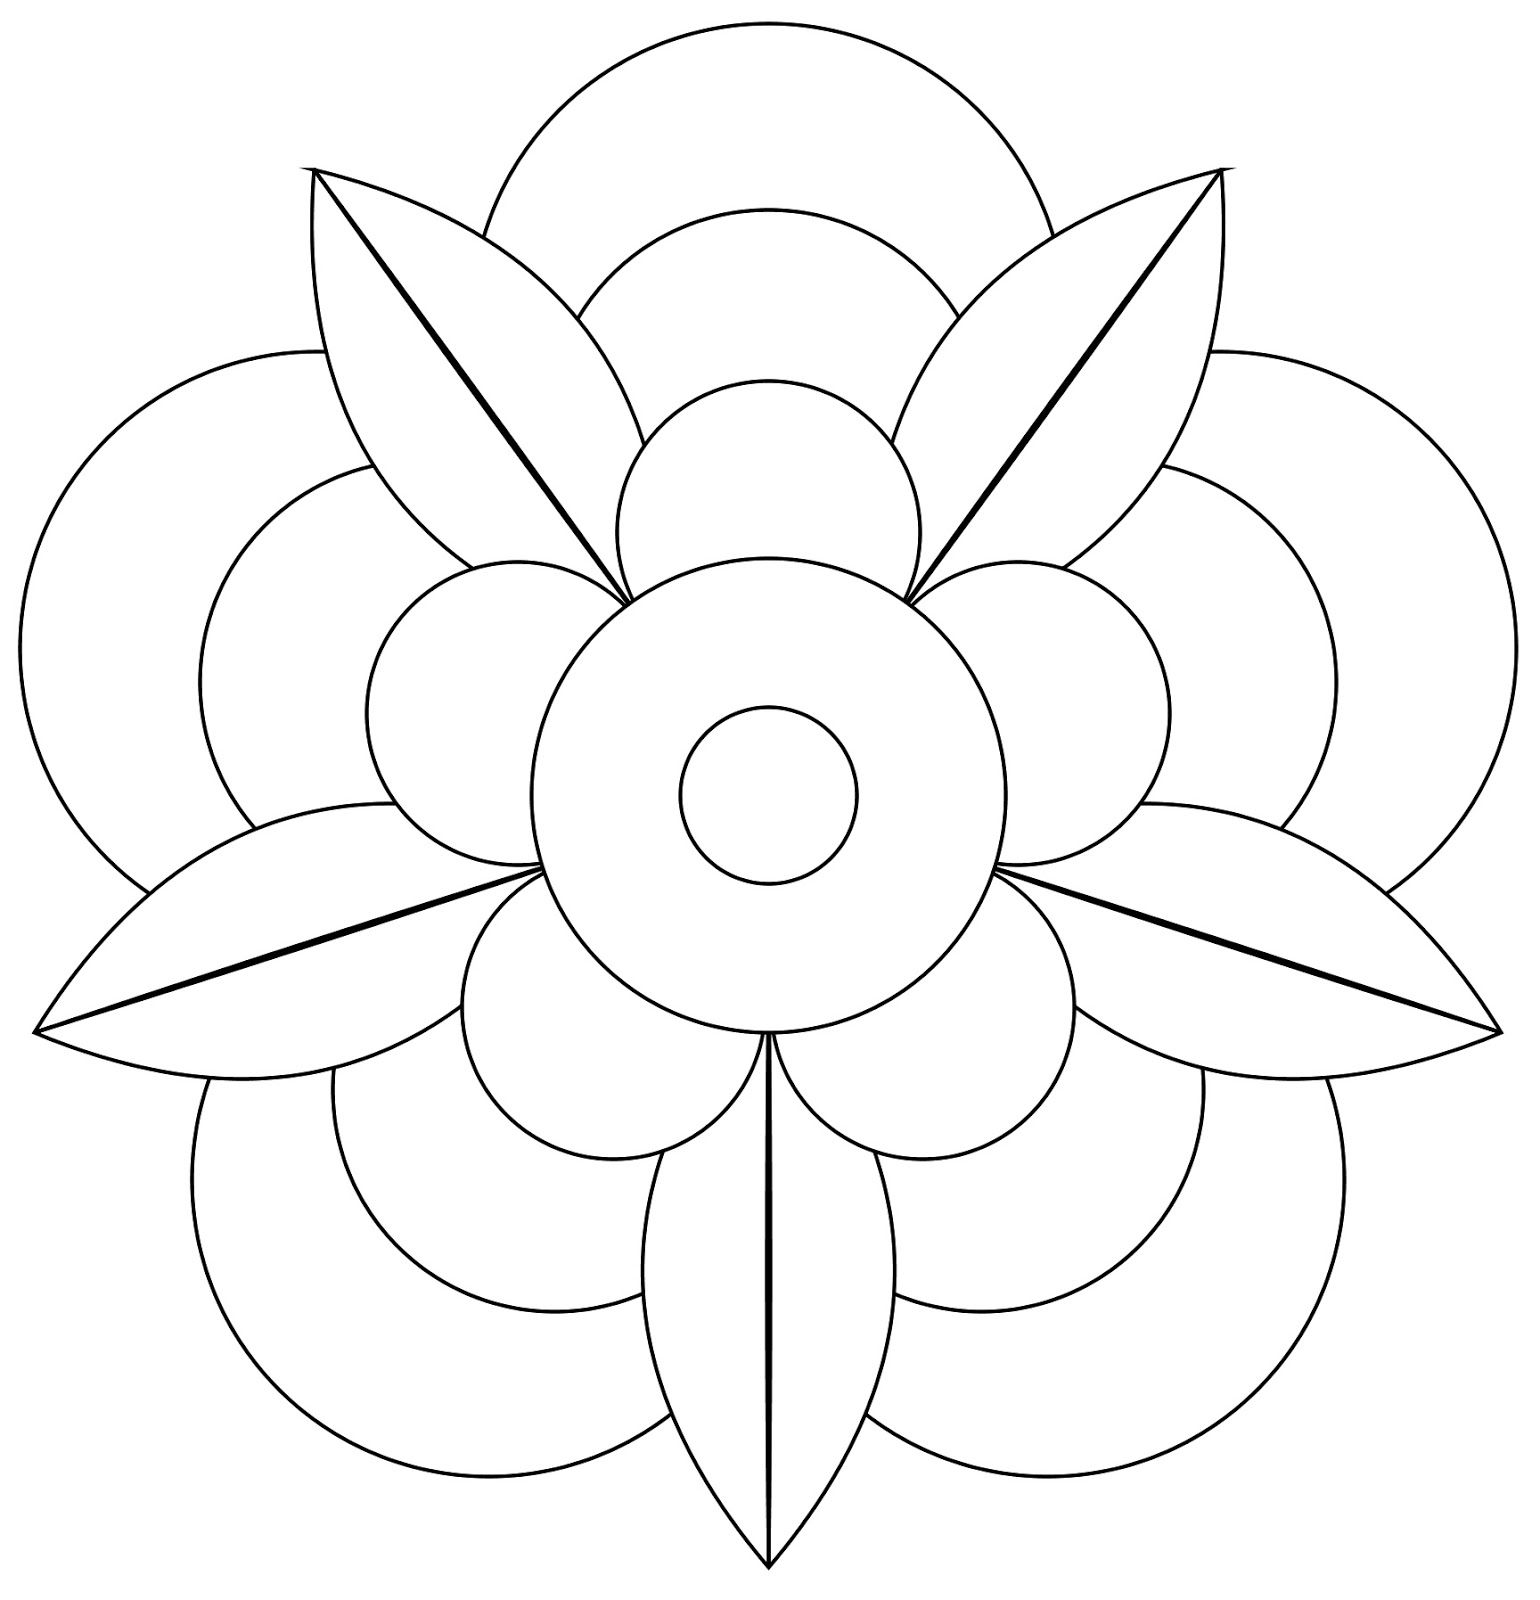 Zentangle Zendala Lover Januari 2013 Mandala Kleurplaten Mozaiekpatronen Mandala Tekeningen